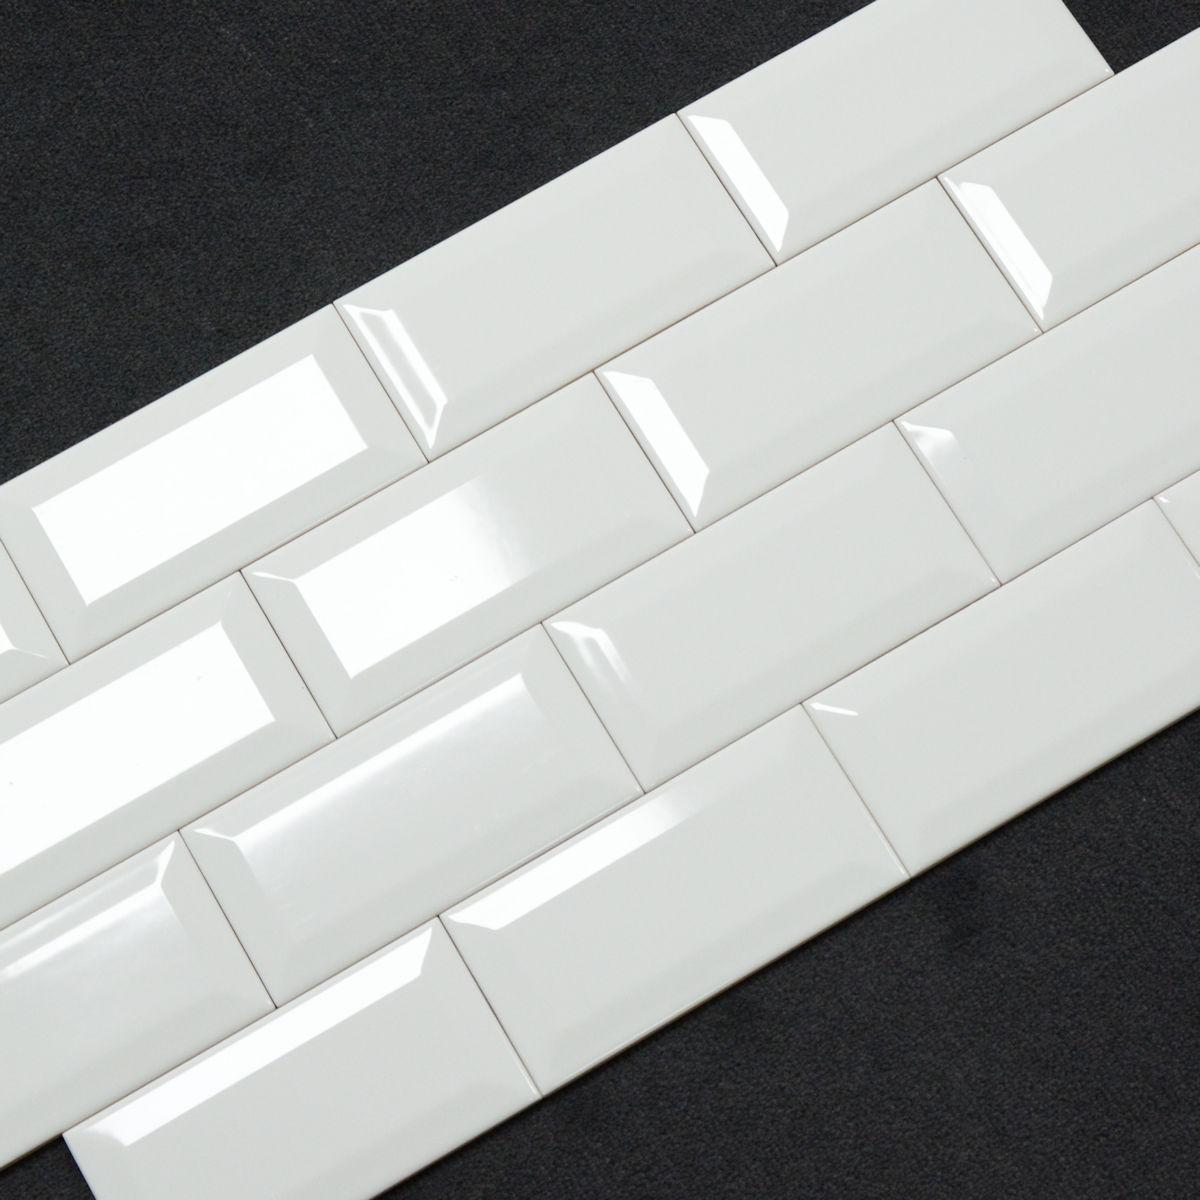 Maueroptik facette wand king metro white wei gl nzend 7 5 - Wandfliesen maueroptik ...